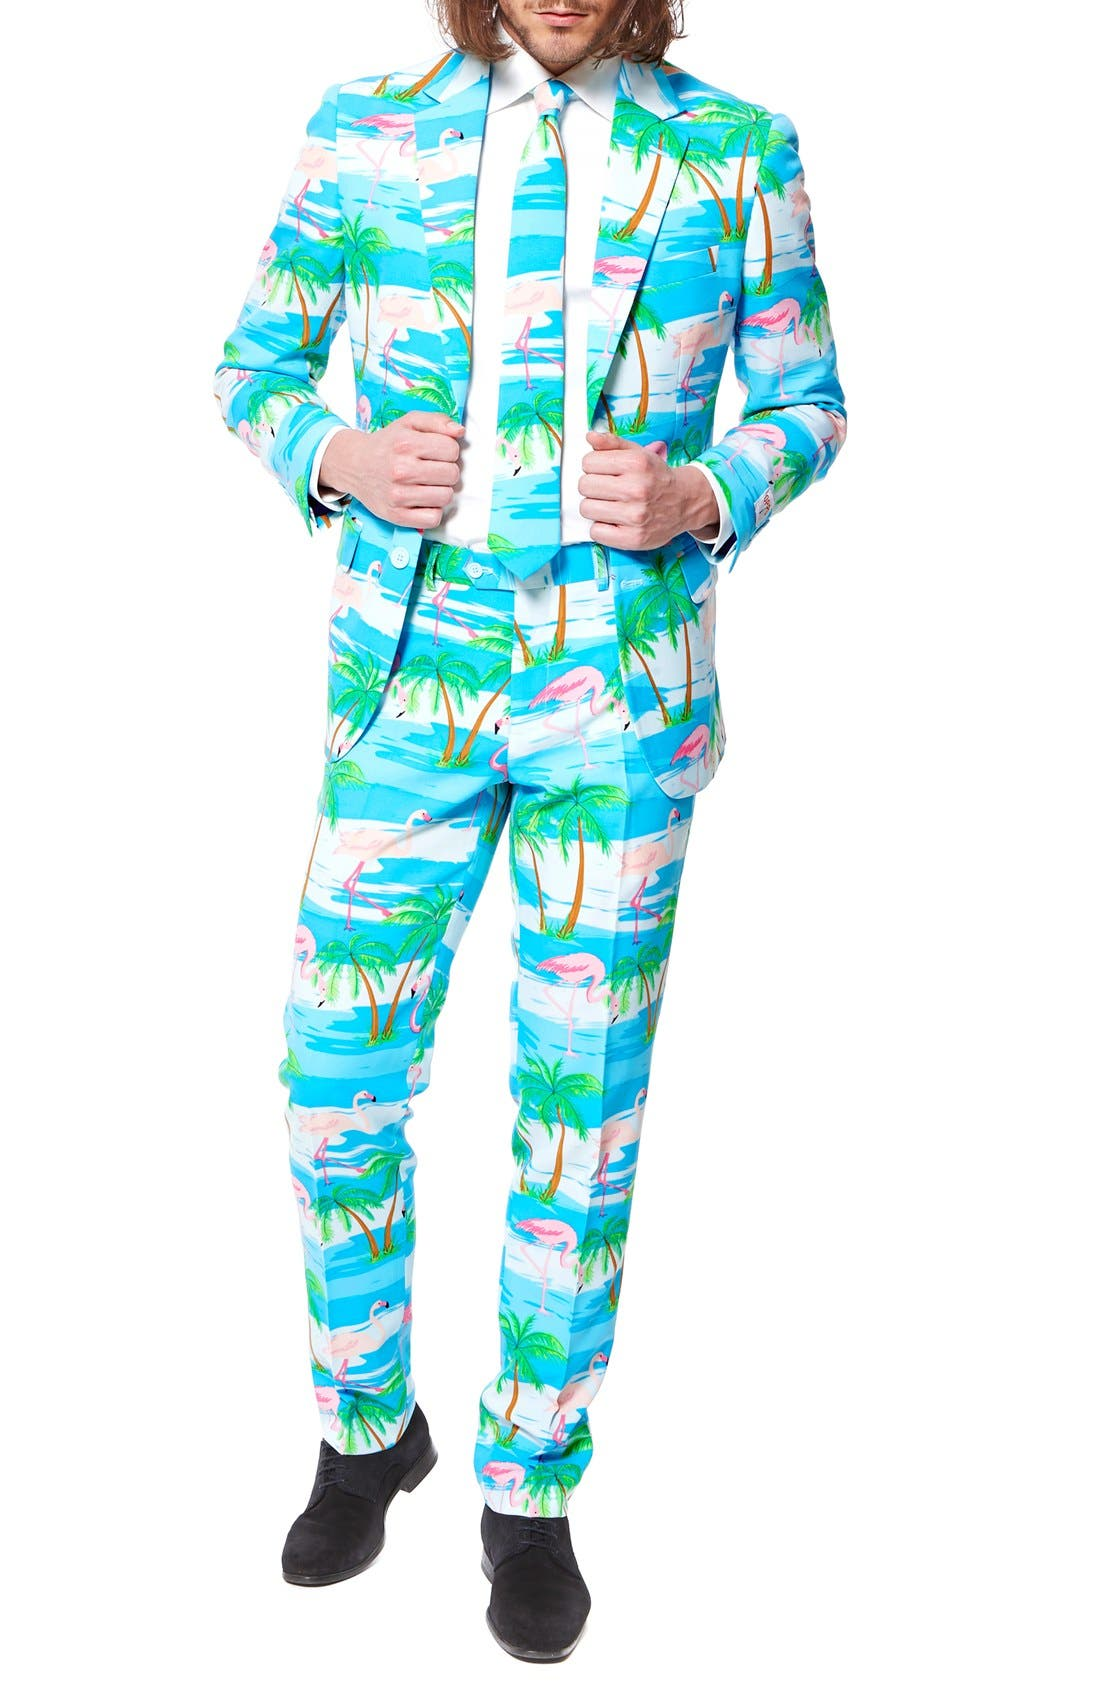 'Flaminguy' Trim Fit Two-Piece Suit with Tie,                             Main thumbnail 1, color,                             400